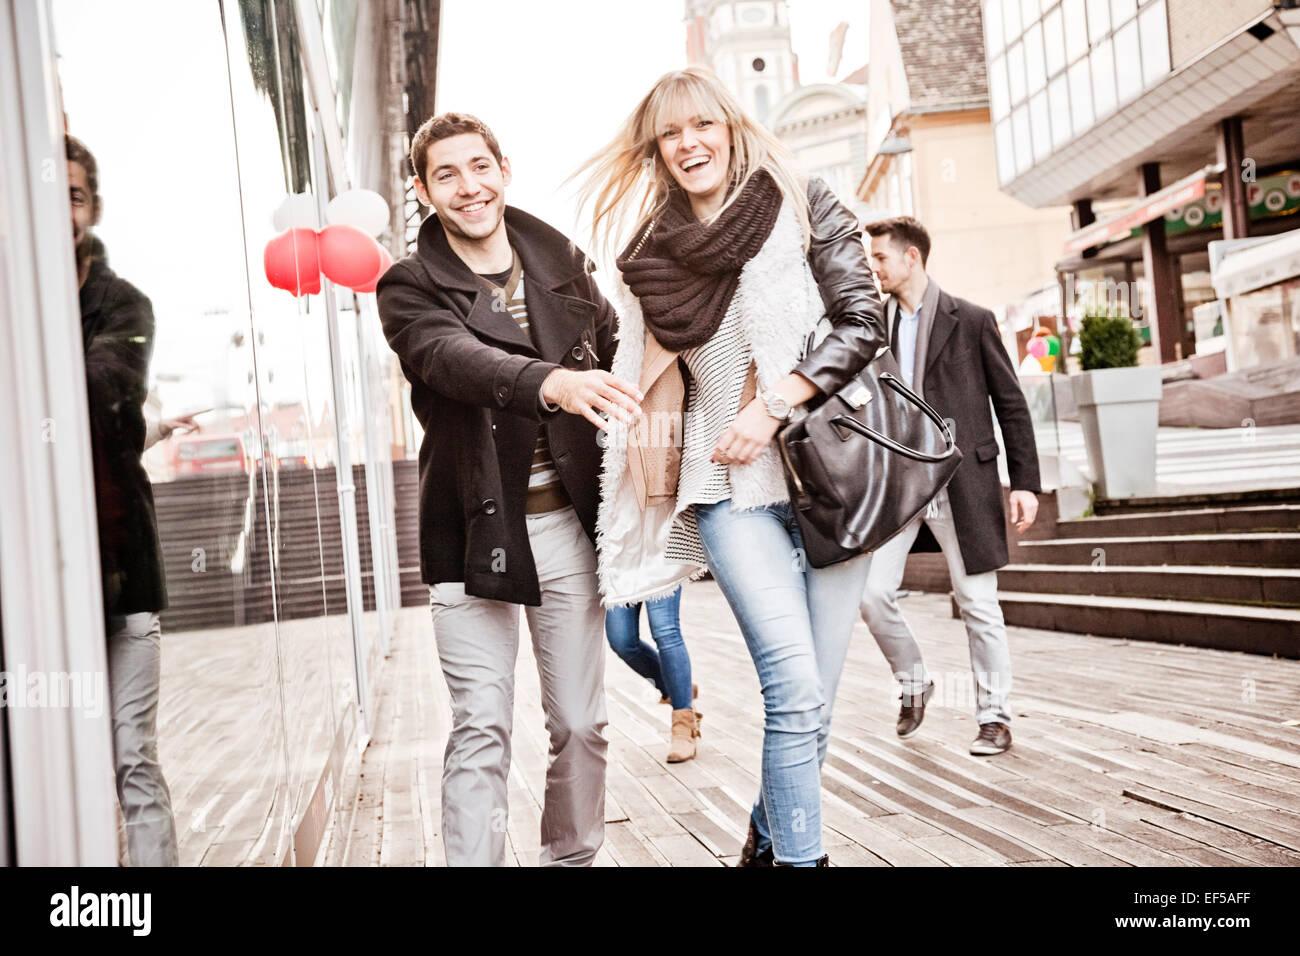 Gruppe von Freunden, die Spaß auf shopping-Tour Stockbild